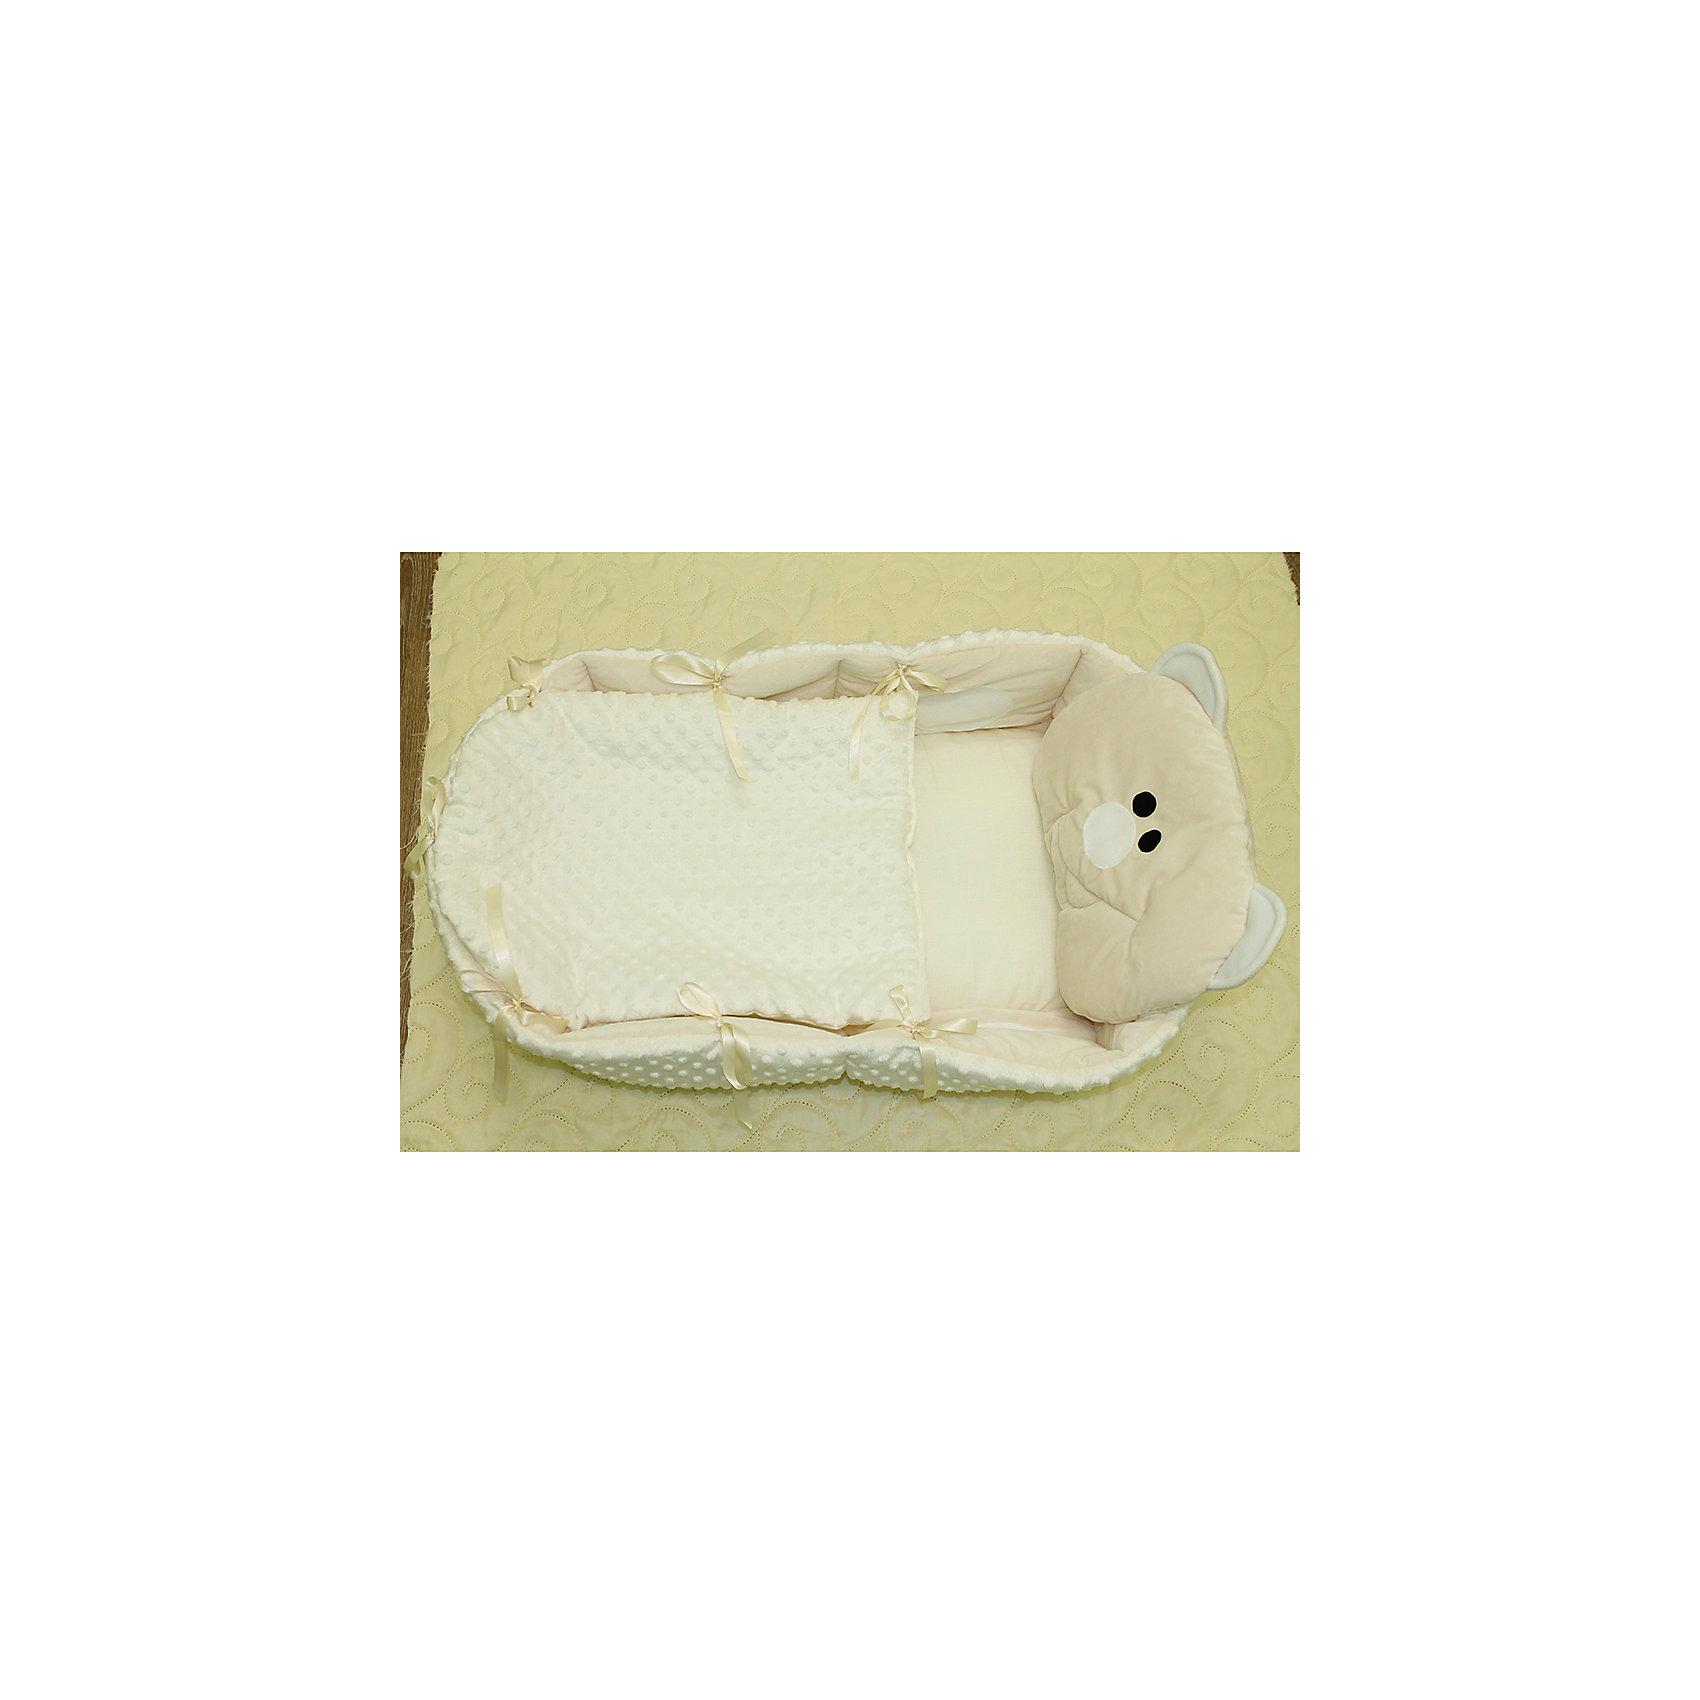 Гнездышко, Балу, розовыйПозиционеры для сна<br>Характеристики товара:<br><br>• возраст с рождения;<br>• материал: хлопок, вельбоа, холлофайбер;<br>• размер подушки 84х45 см;<br>• высота бортиков 15 см;<br>• размер упаковки 45х40х15 см;<br>• вес упаковки 850 гр.;<br>• страна производитель: Россия.<br><br>Гнездышко Балу розовое обеспечит крохе уютный и спокойный сон. Оно представляет собой овальную кроватку с высокими бортиками и мягкой подушечкой. Внутренняя часть сделана из мягкого натурального хлопка, не вызывающего аллергических реакций. <br><br>Гнёздышко Балу розовое можно приобрести в нашем интернет-магазине.<br><br>Ширина мм: 450<br>Глубина мм: 400<br>Высота мм: 150<br>Вес г: 850<br>Возраст от месяцев: 0<br>Возраст до месяцев: 36<br>Пол: Унисекс<br>Возраст: Детский<br>SKU: 5563670